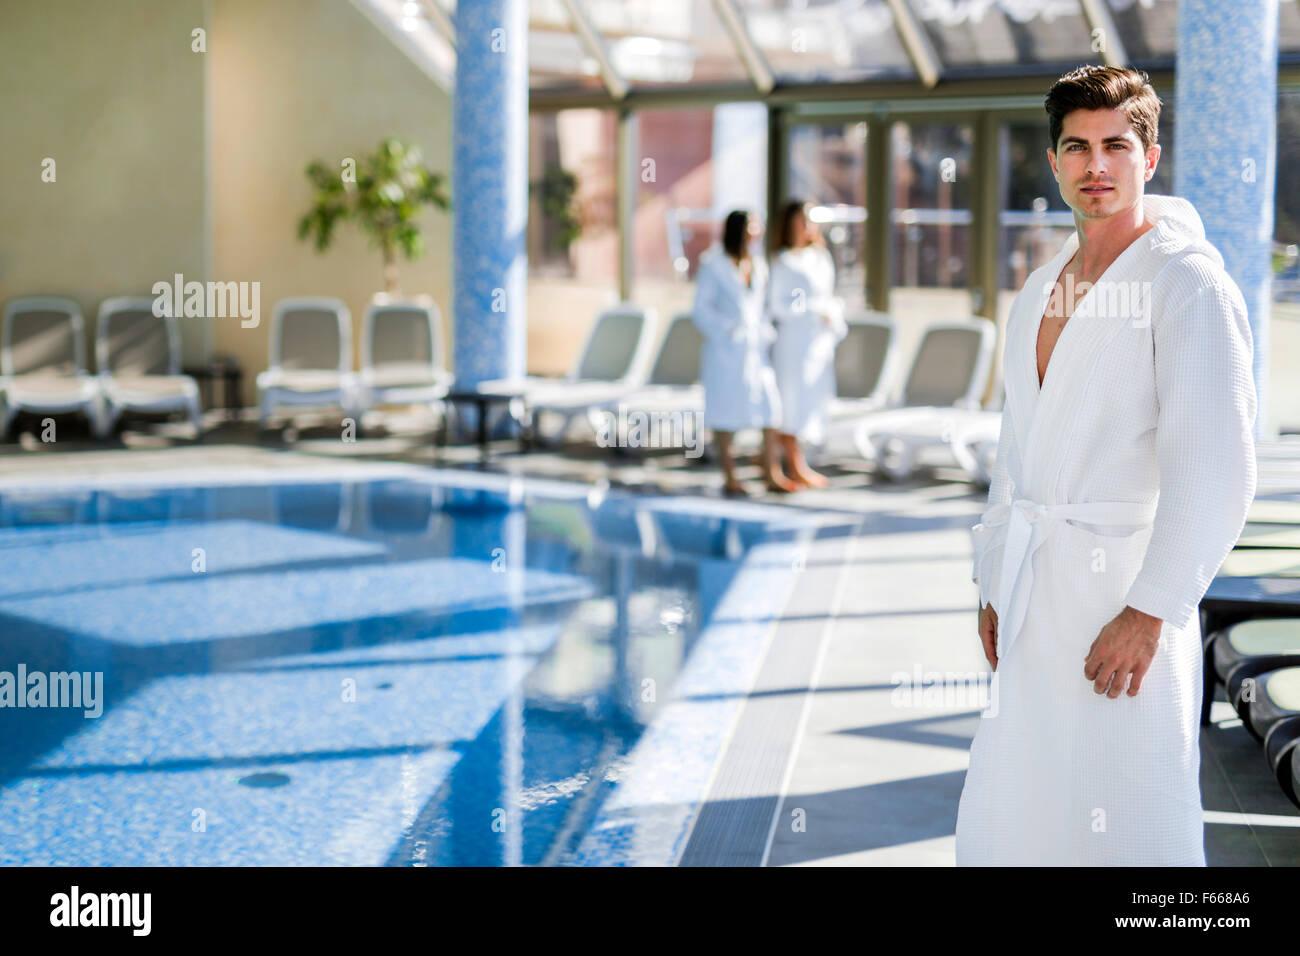 Mann stehend neben einem Pool in ein Gewand und entspannen Stockbild